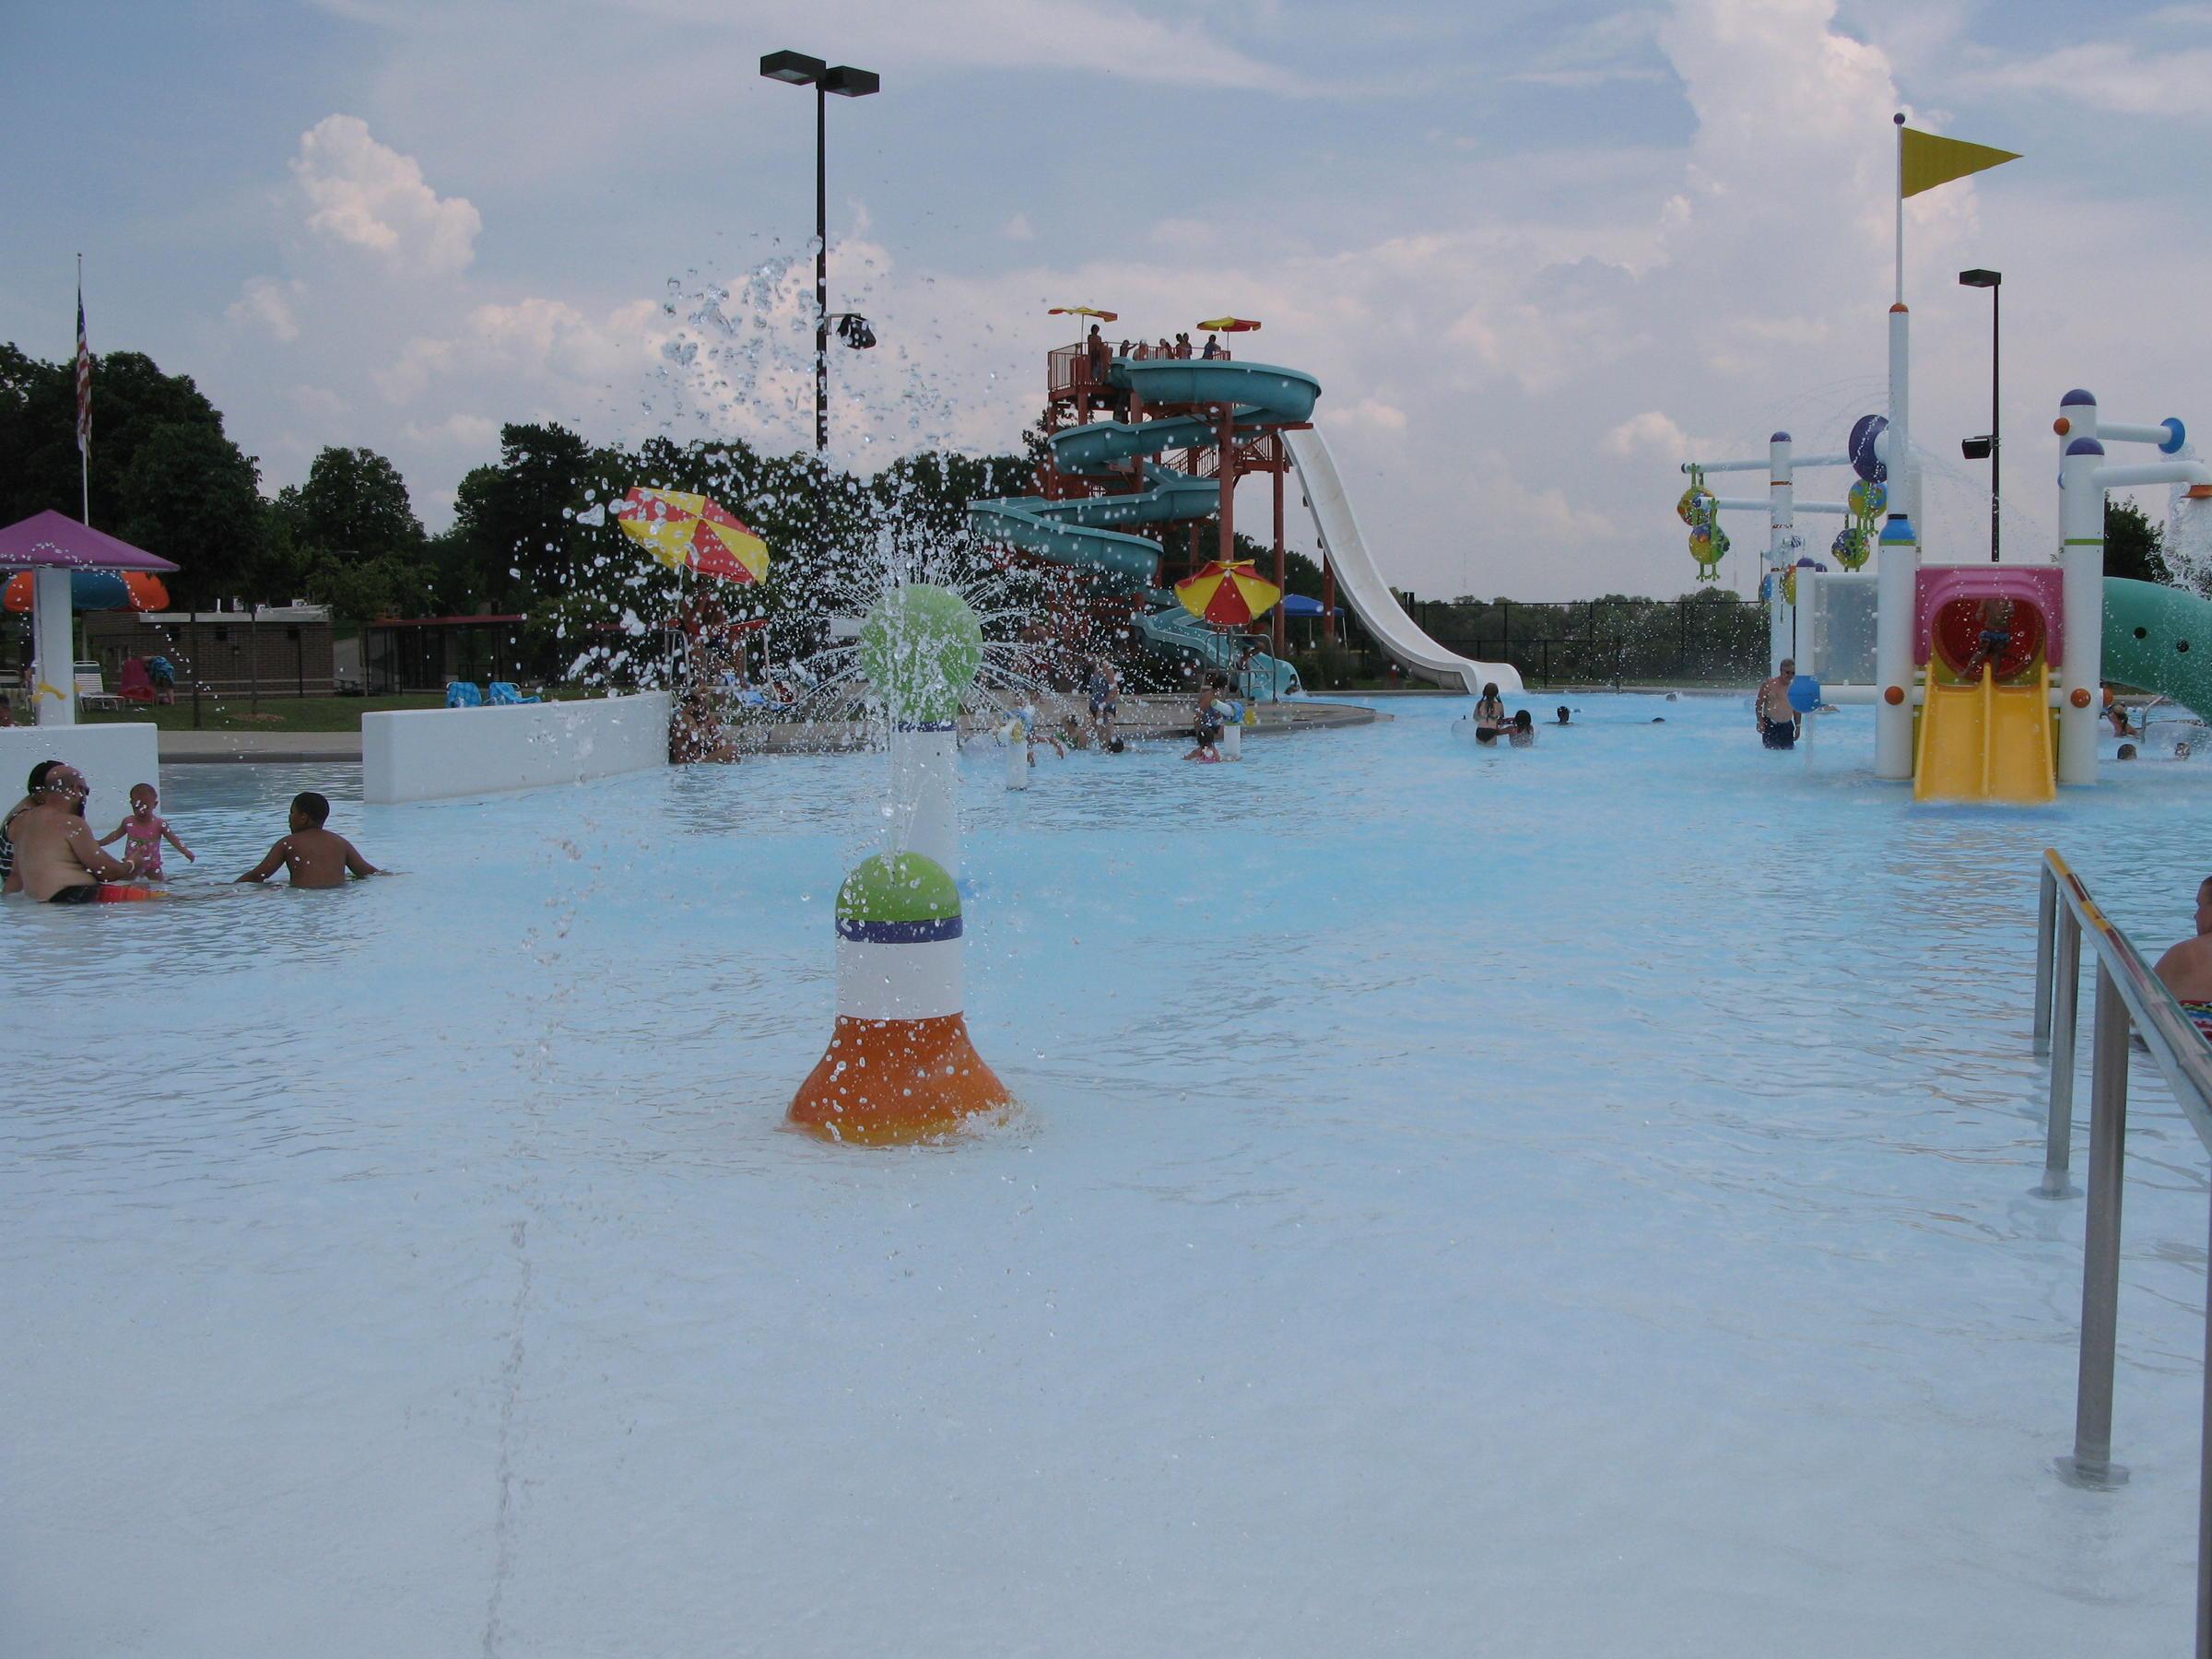 Drowning Prompts Change In Cincinnati Pool Policy Wvxu